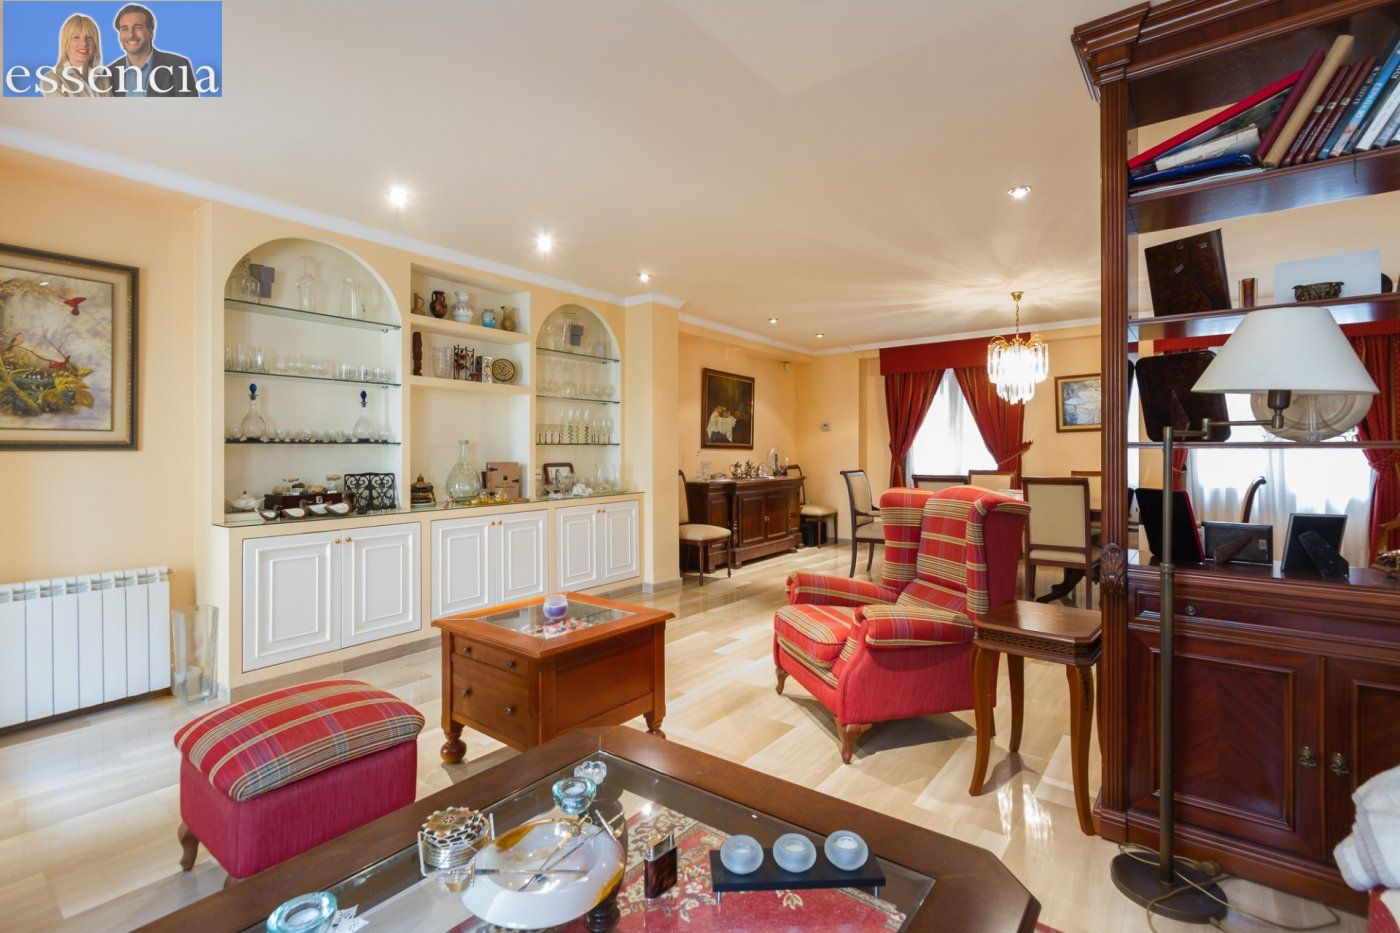 Casa con encanto en el centro de gandÍa para clientes vip - imagenInmueble1